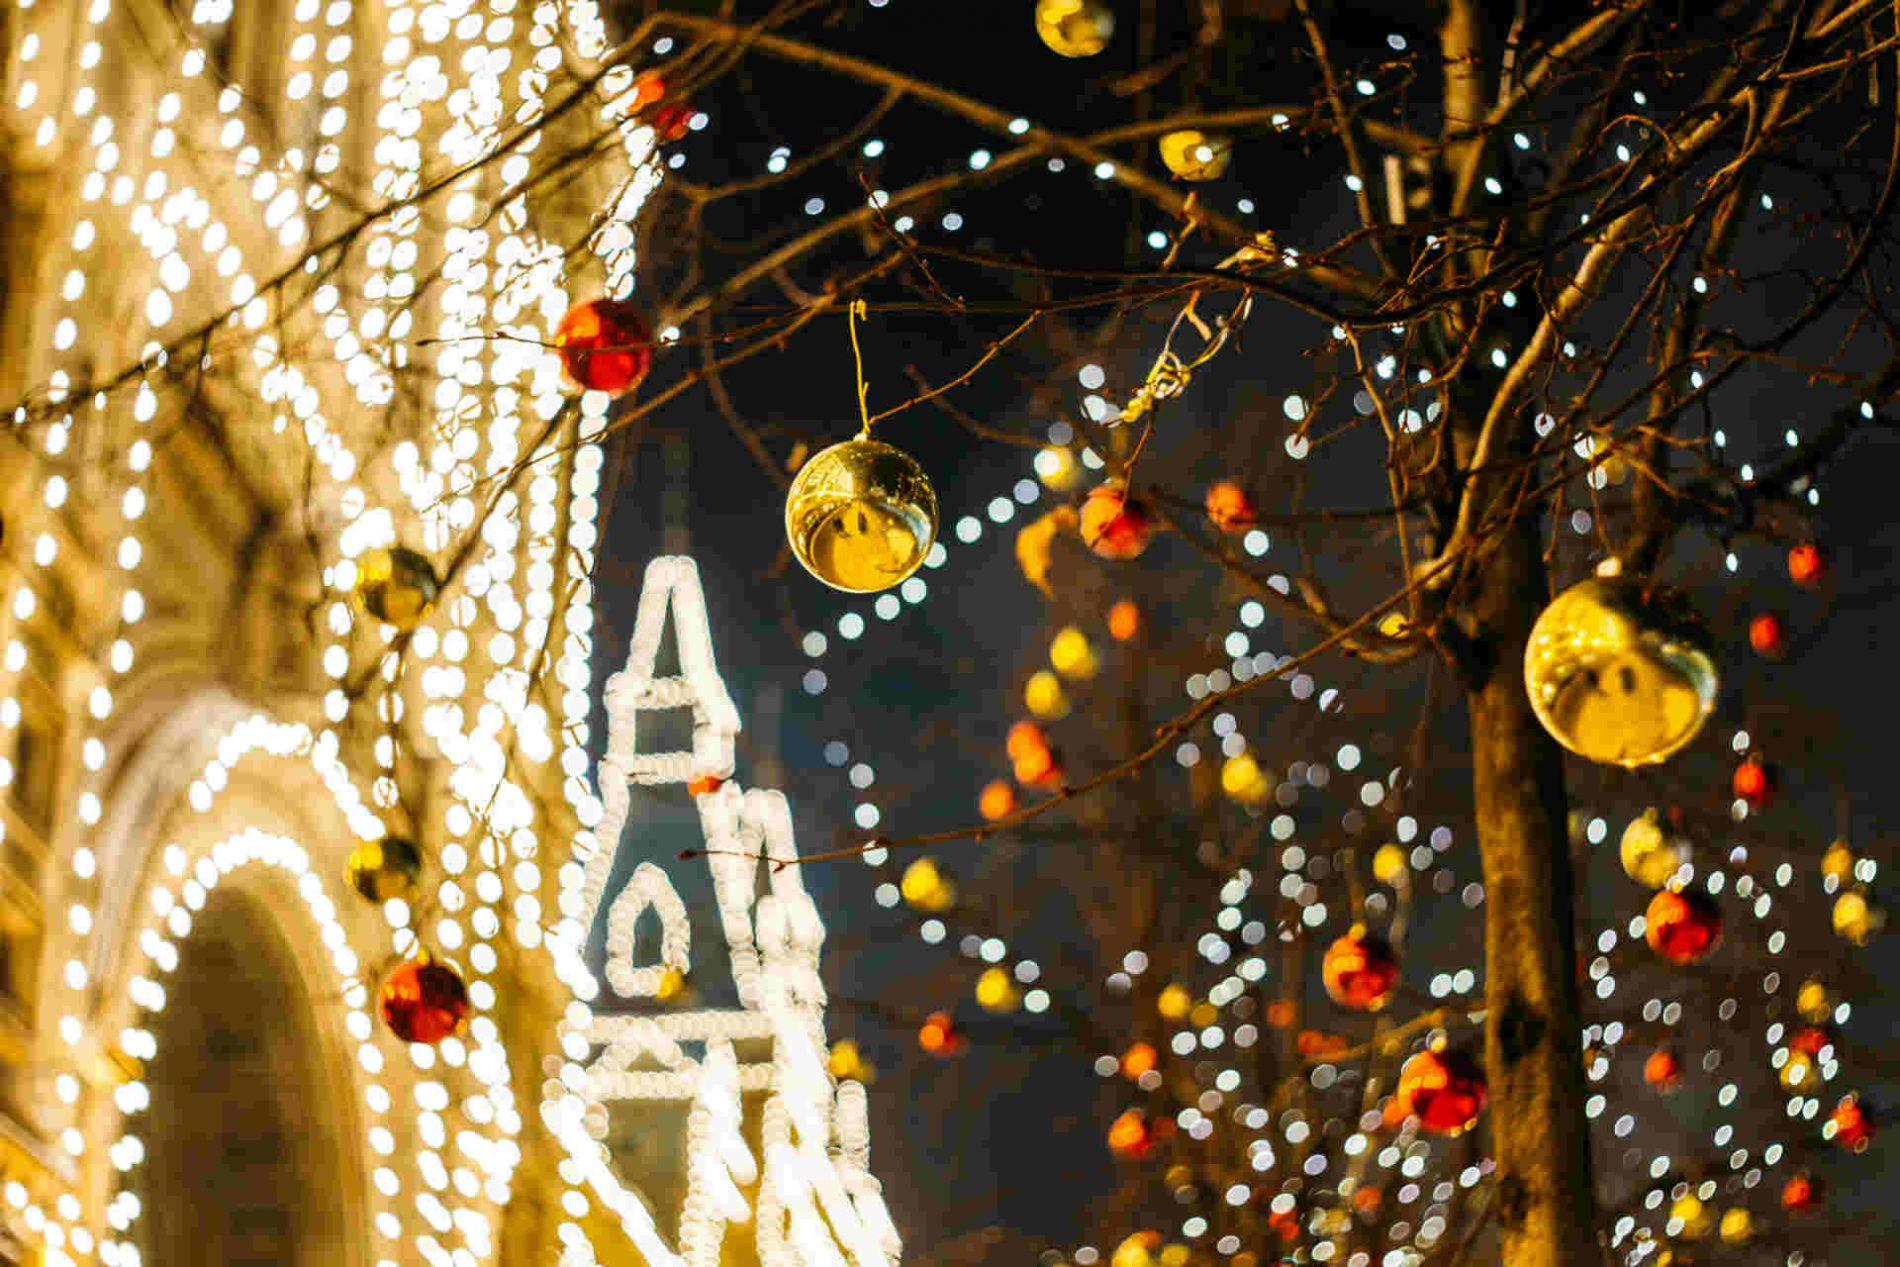 Karácsony 2018 nyiri helga életvezetés